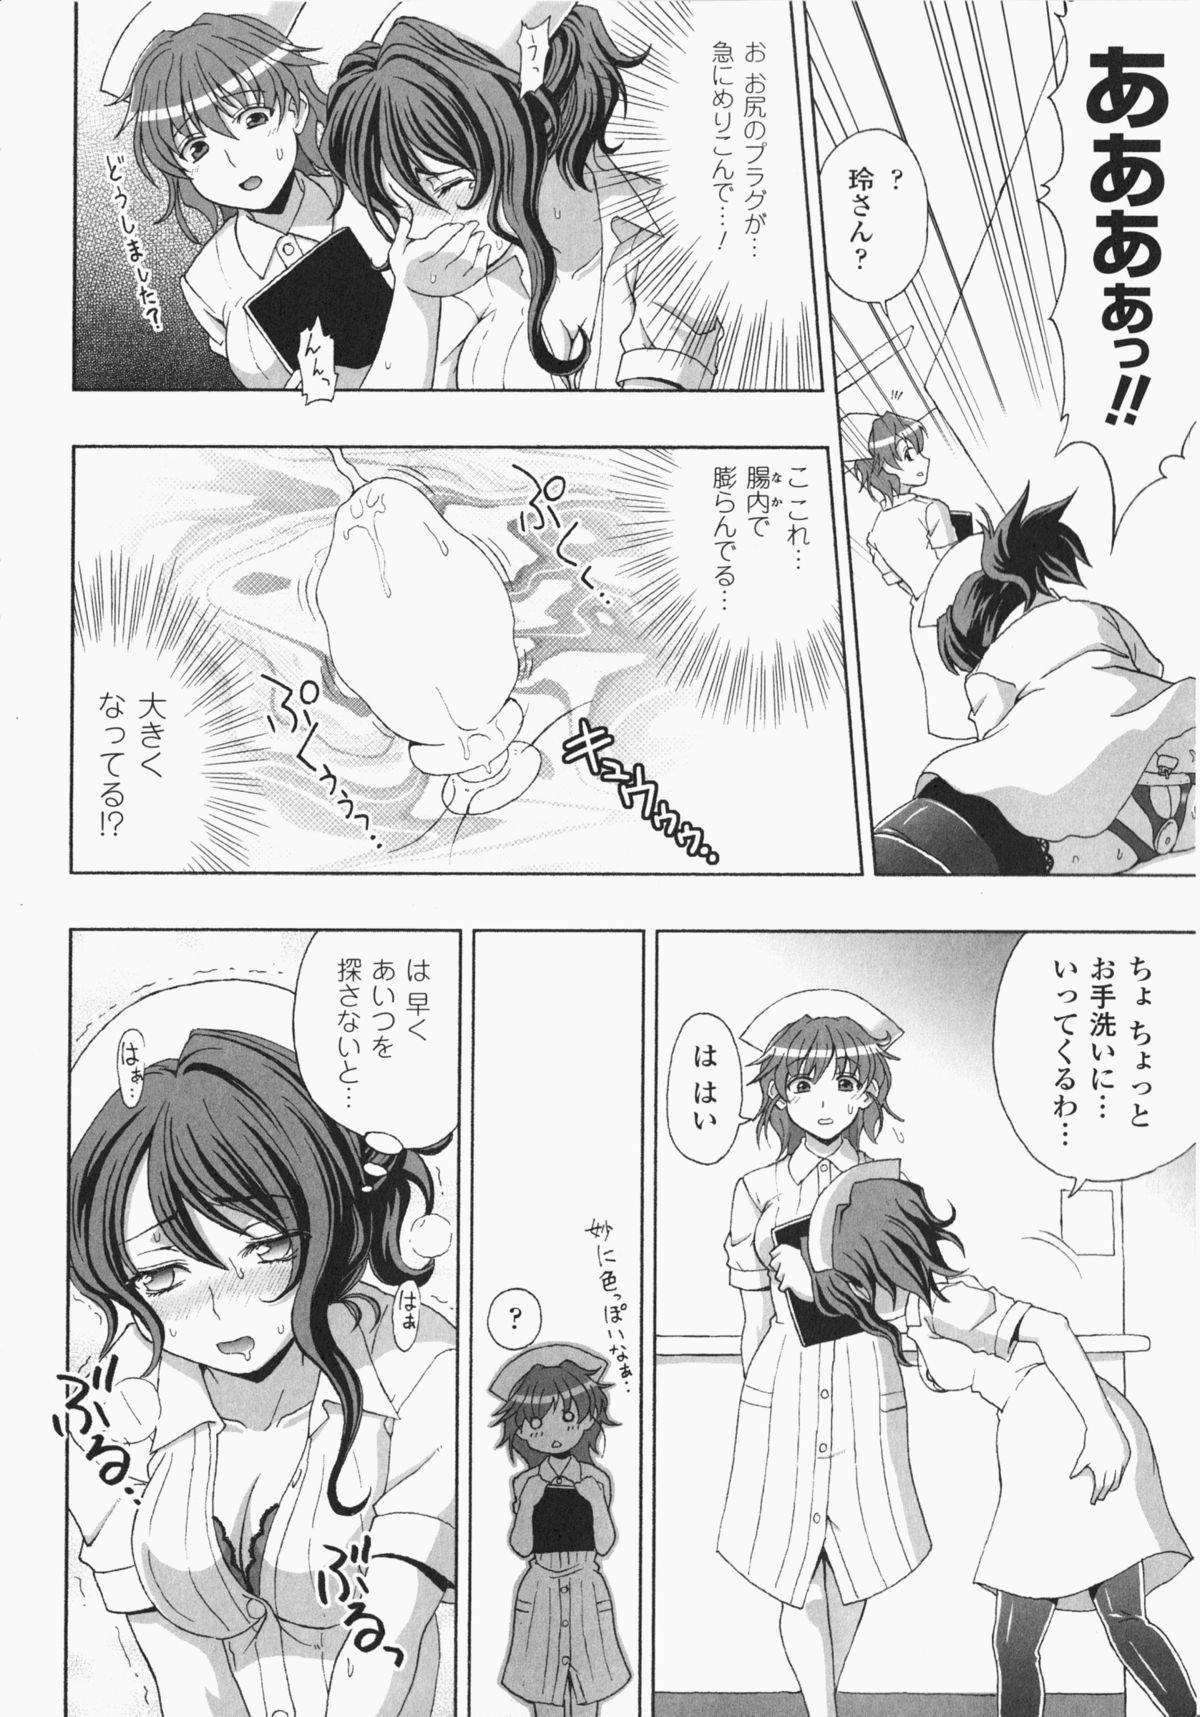 Anata no Shiranai Kangofu 48